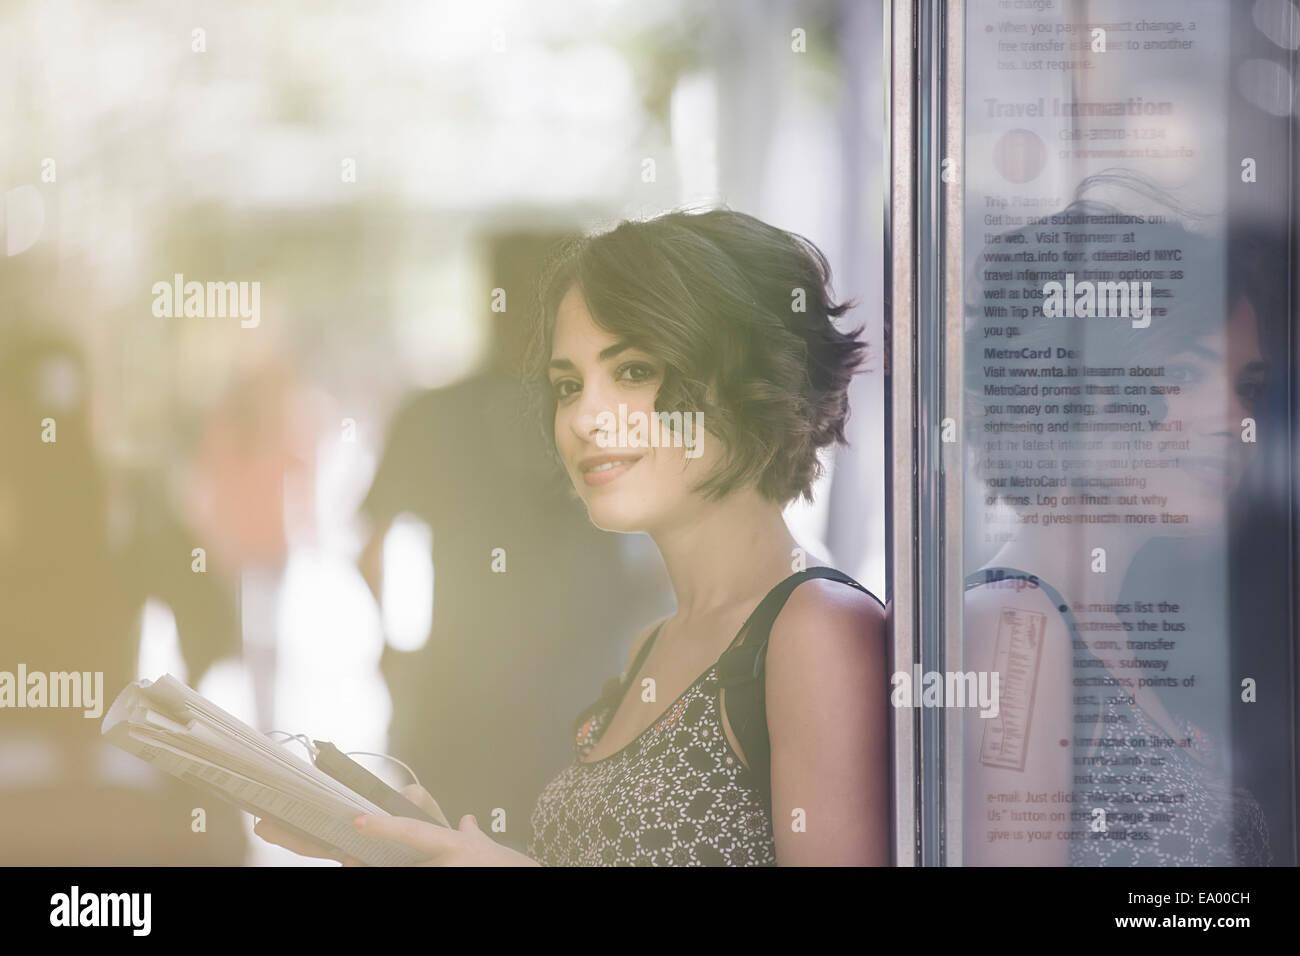 Jeune femme à l'arrêt de bus lisant le journal, en attente de bus, New York, États-Unis Photo Stock